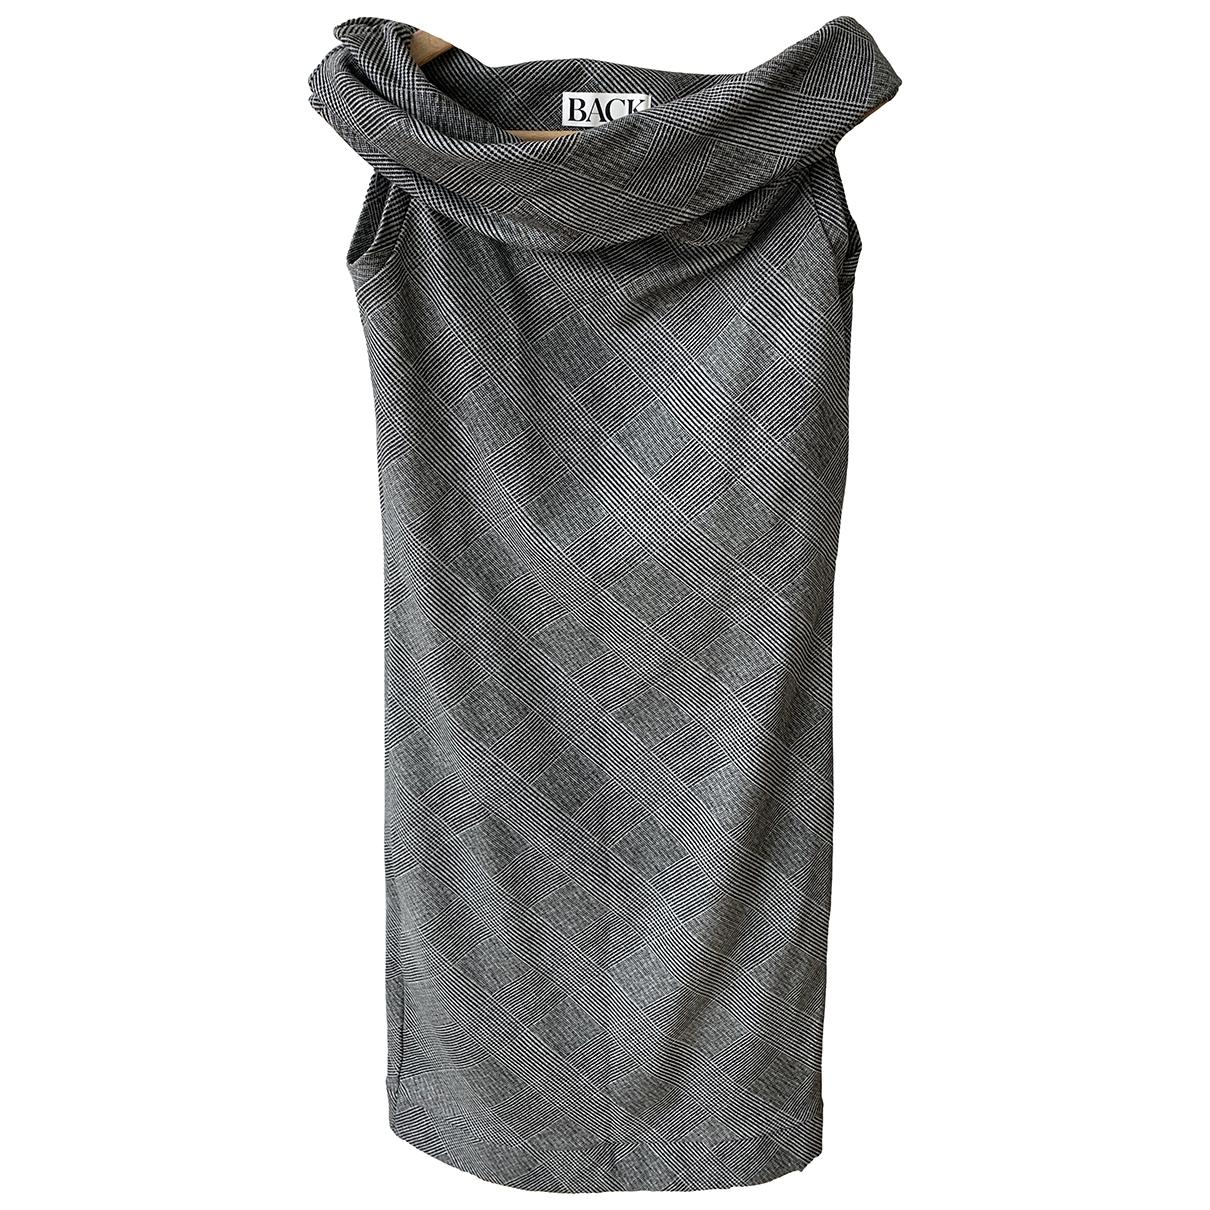 Ann-sofie Back \N Cotton dress for Women 8 UK